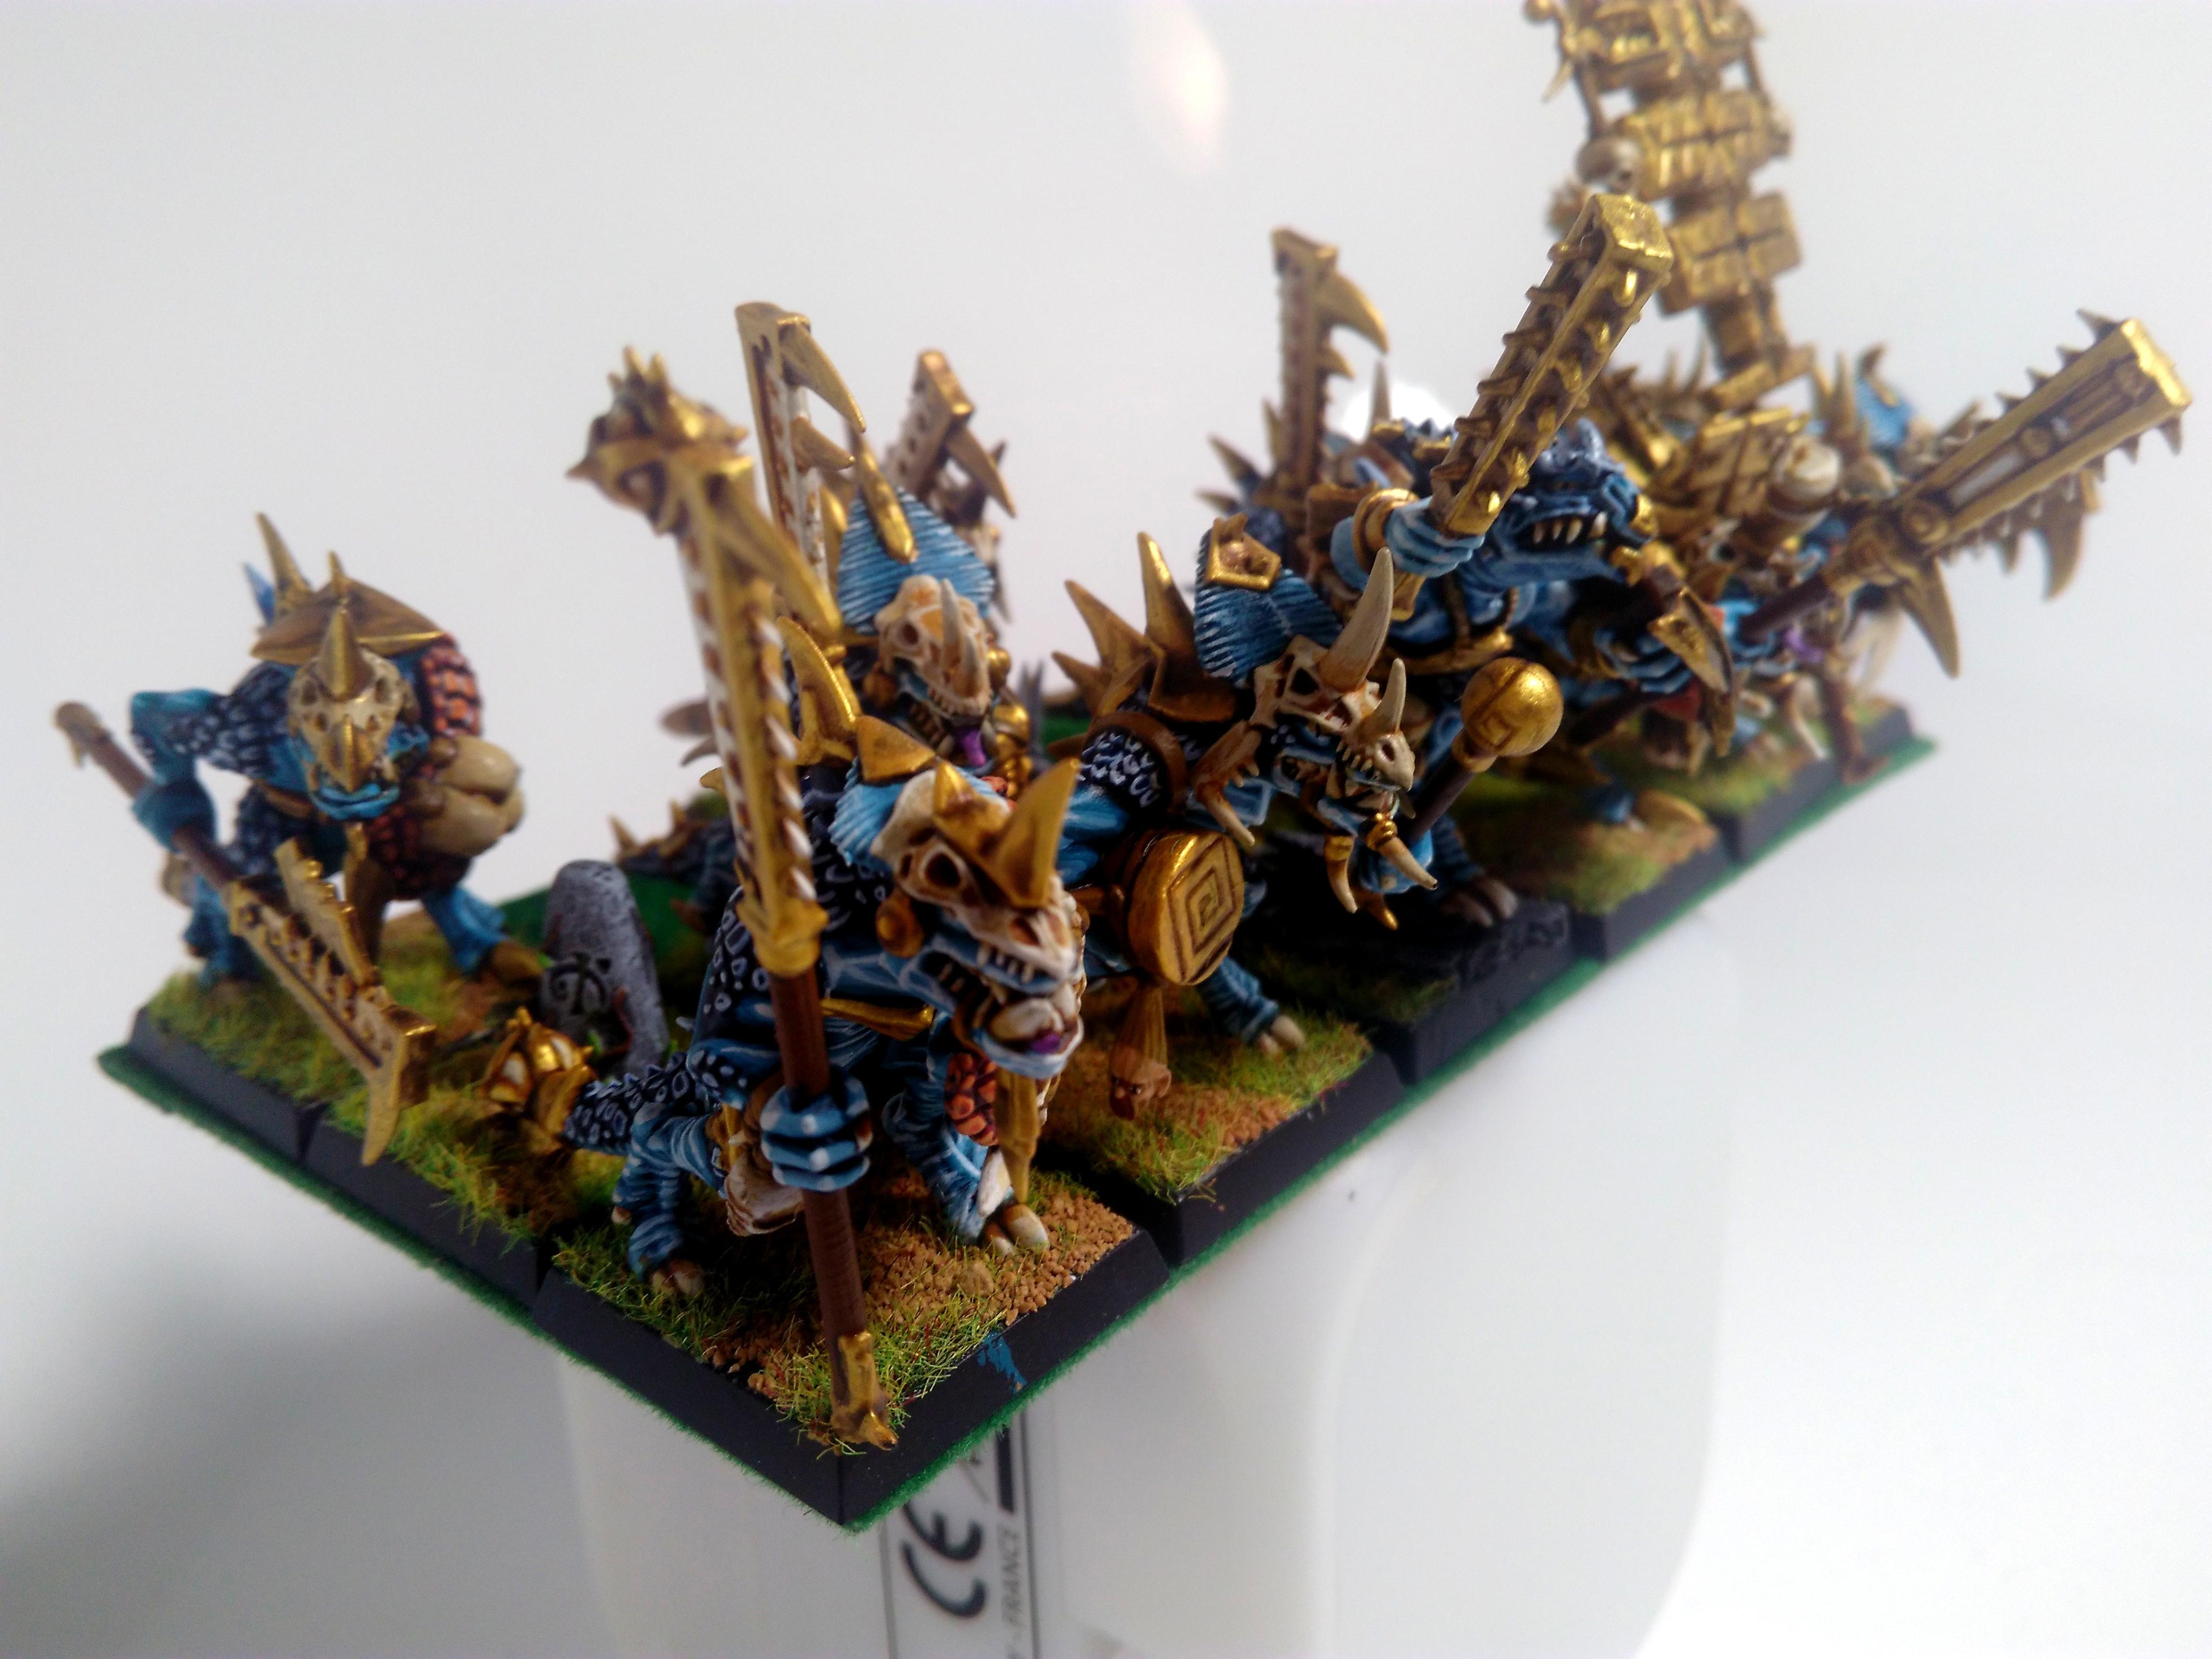 Lizardmen, Seraphon, Temple Guard